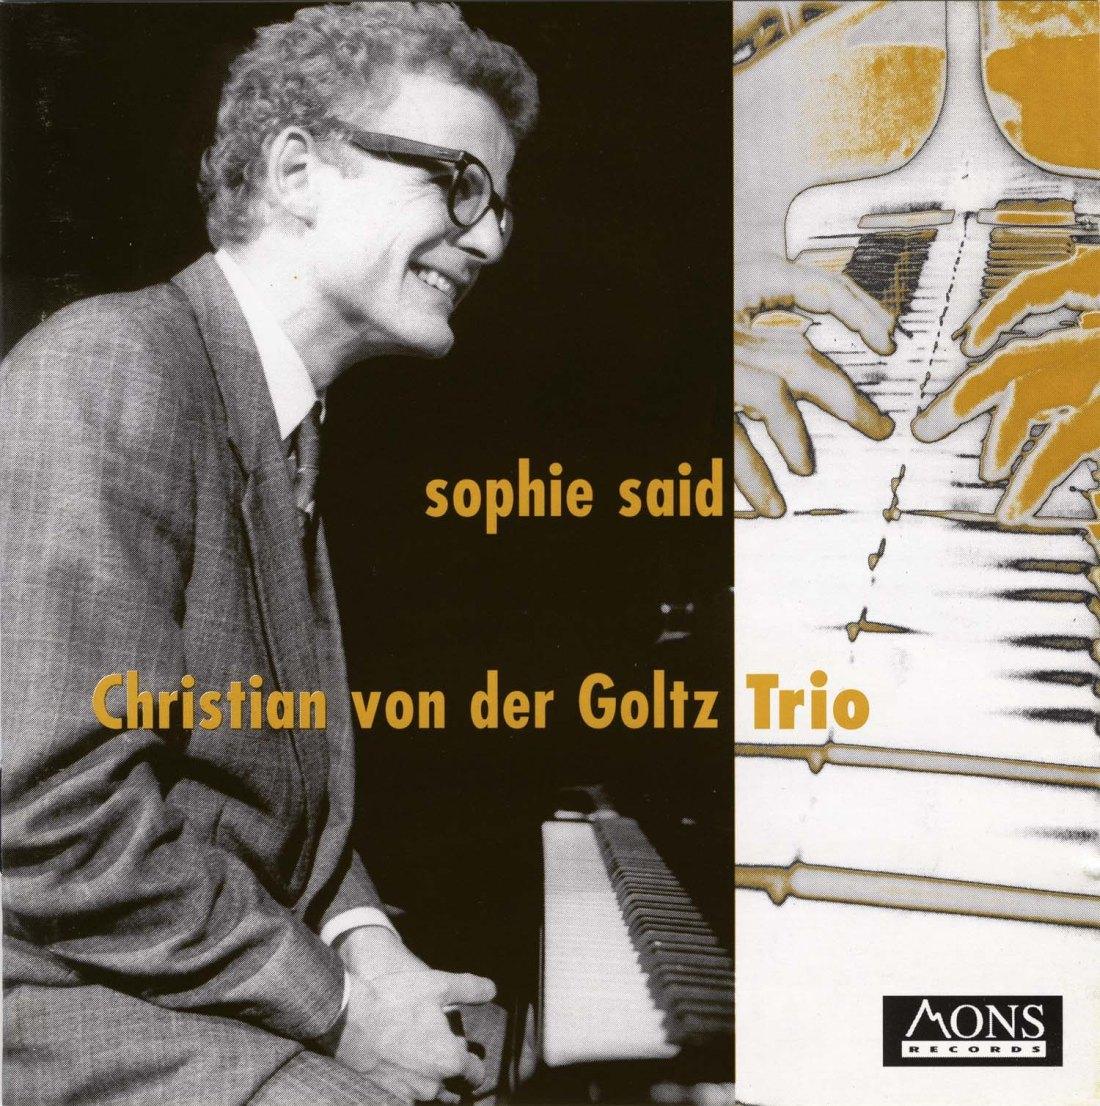 SOPHIE SAID CD